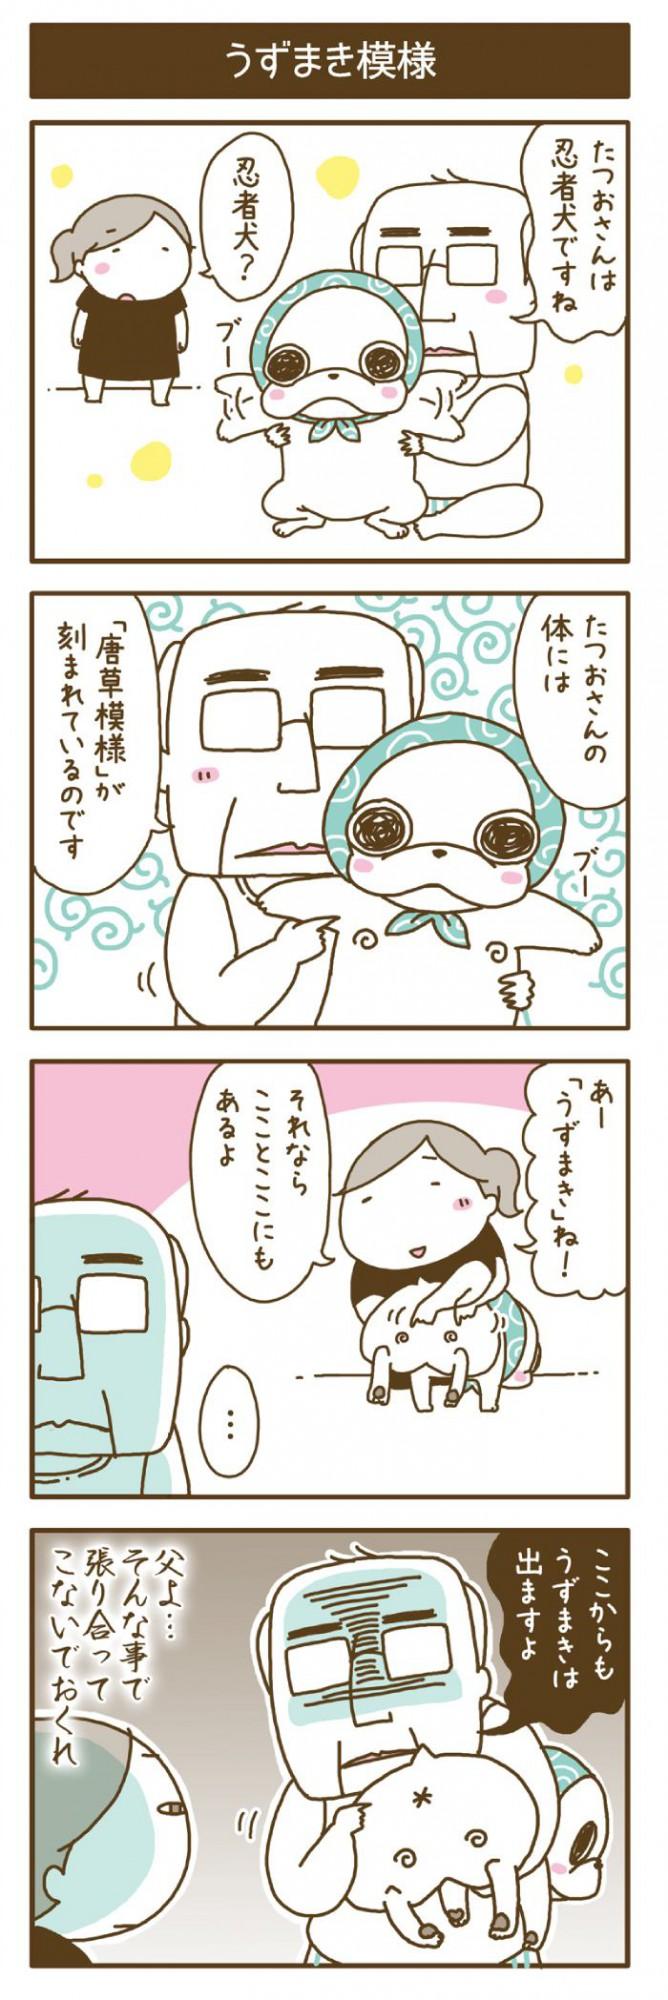 フレブルこくぼとゆかいな下僕たち【第53話】